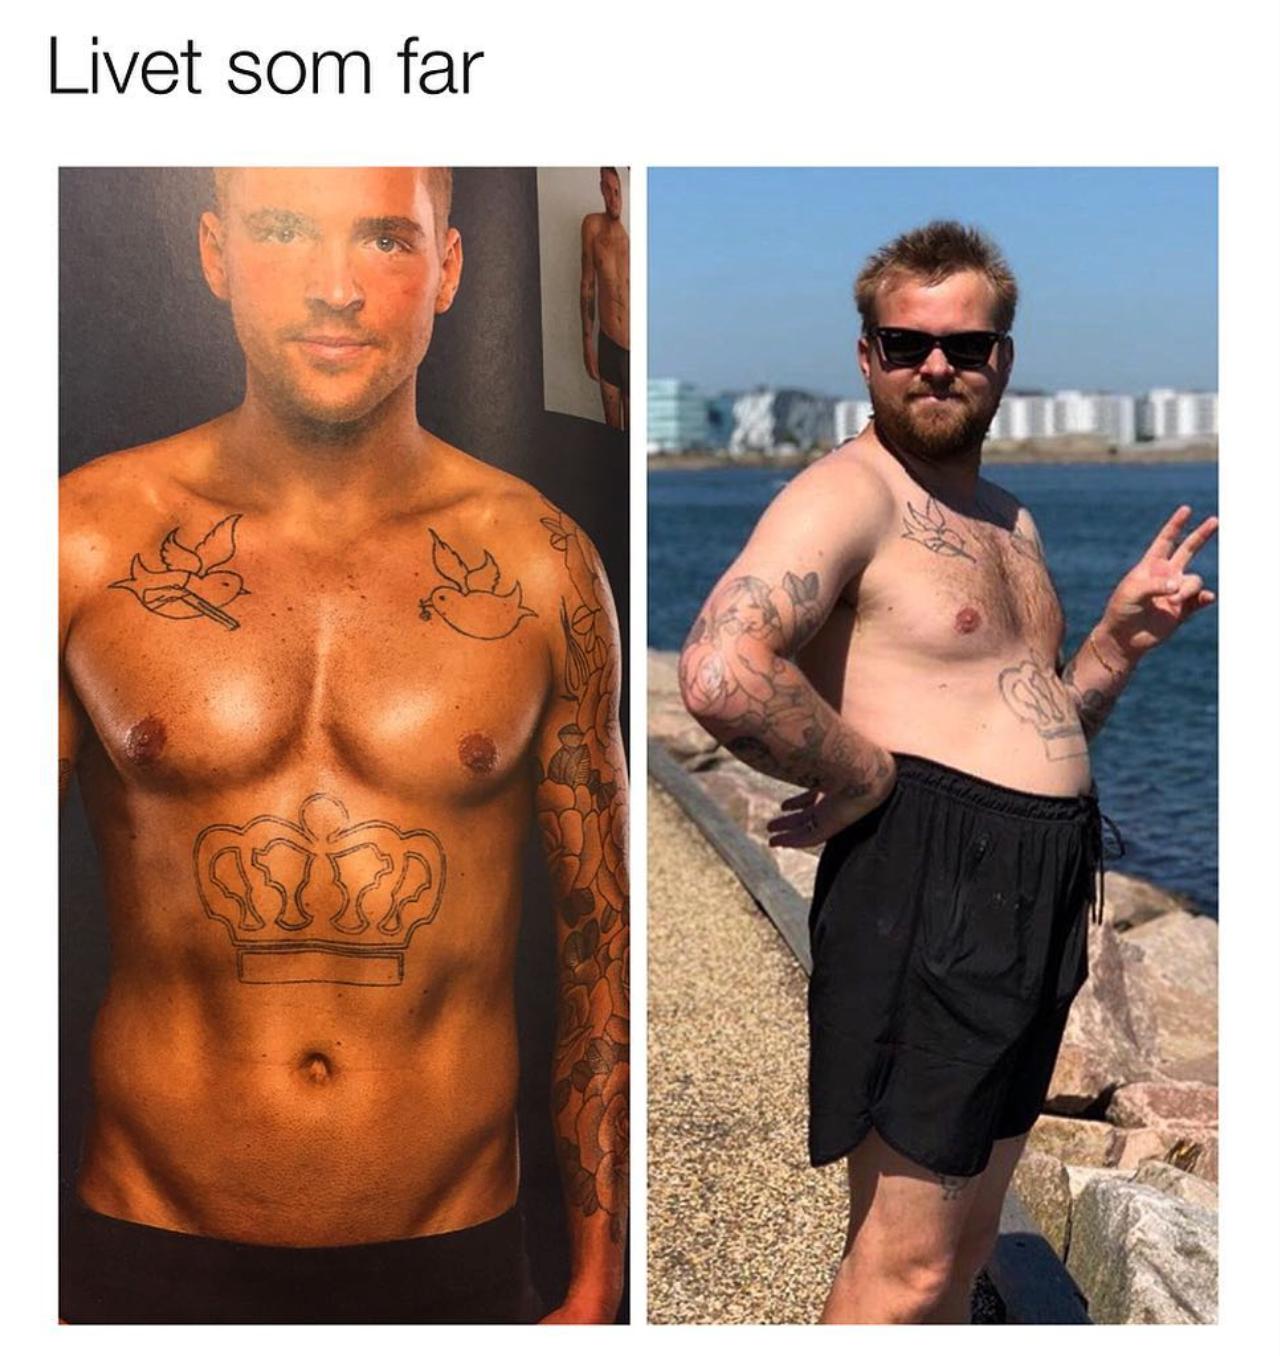 Joakim Ingversen før og efter at være blevet far, via Anders Hemmingsen på Instagram. Bemærk dog, at Joakim ser ud til at stortrives – ikke mindst som far – og hans Instagram-profil kan virkelig anbefales at følge.